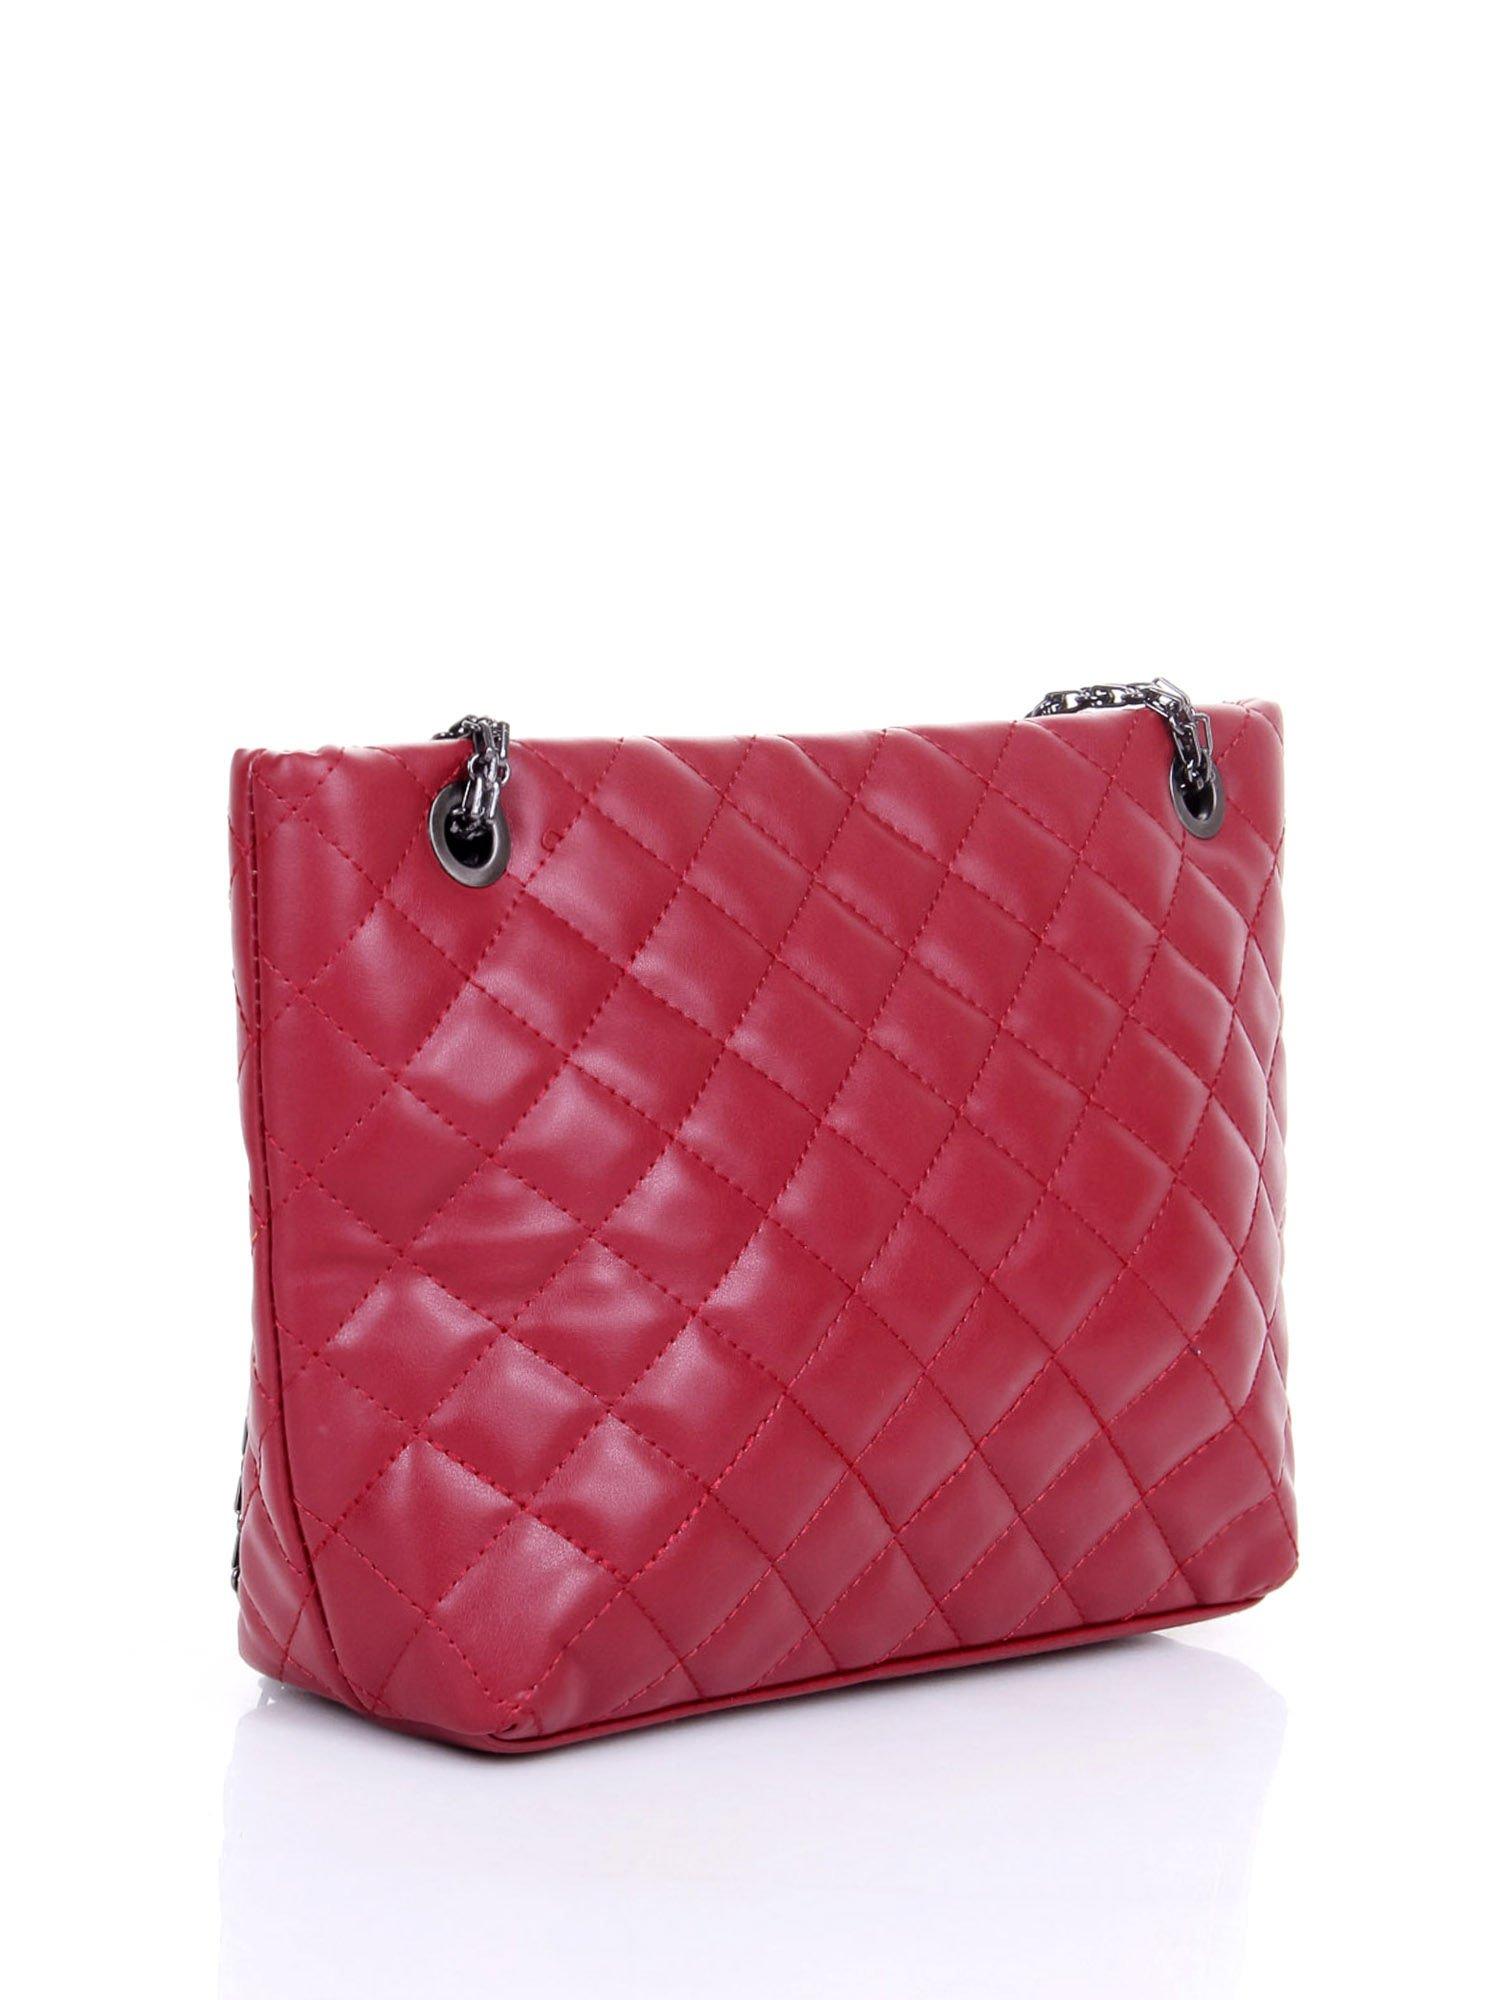 Czerwona pikowana torebka na łańcuszku                                  zdj.                                  3